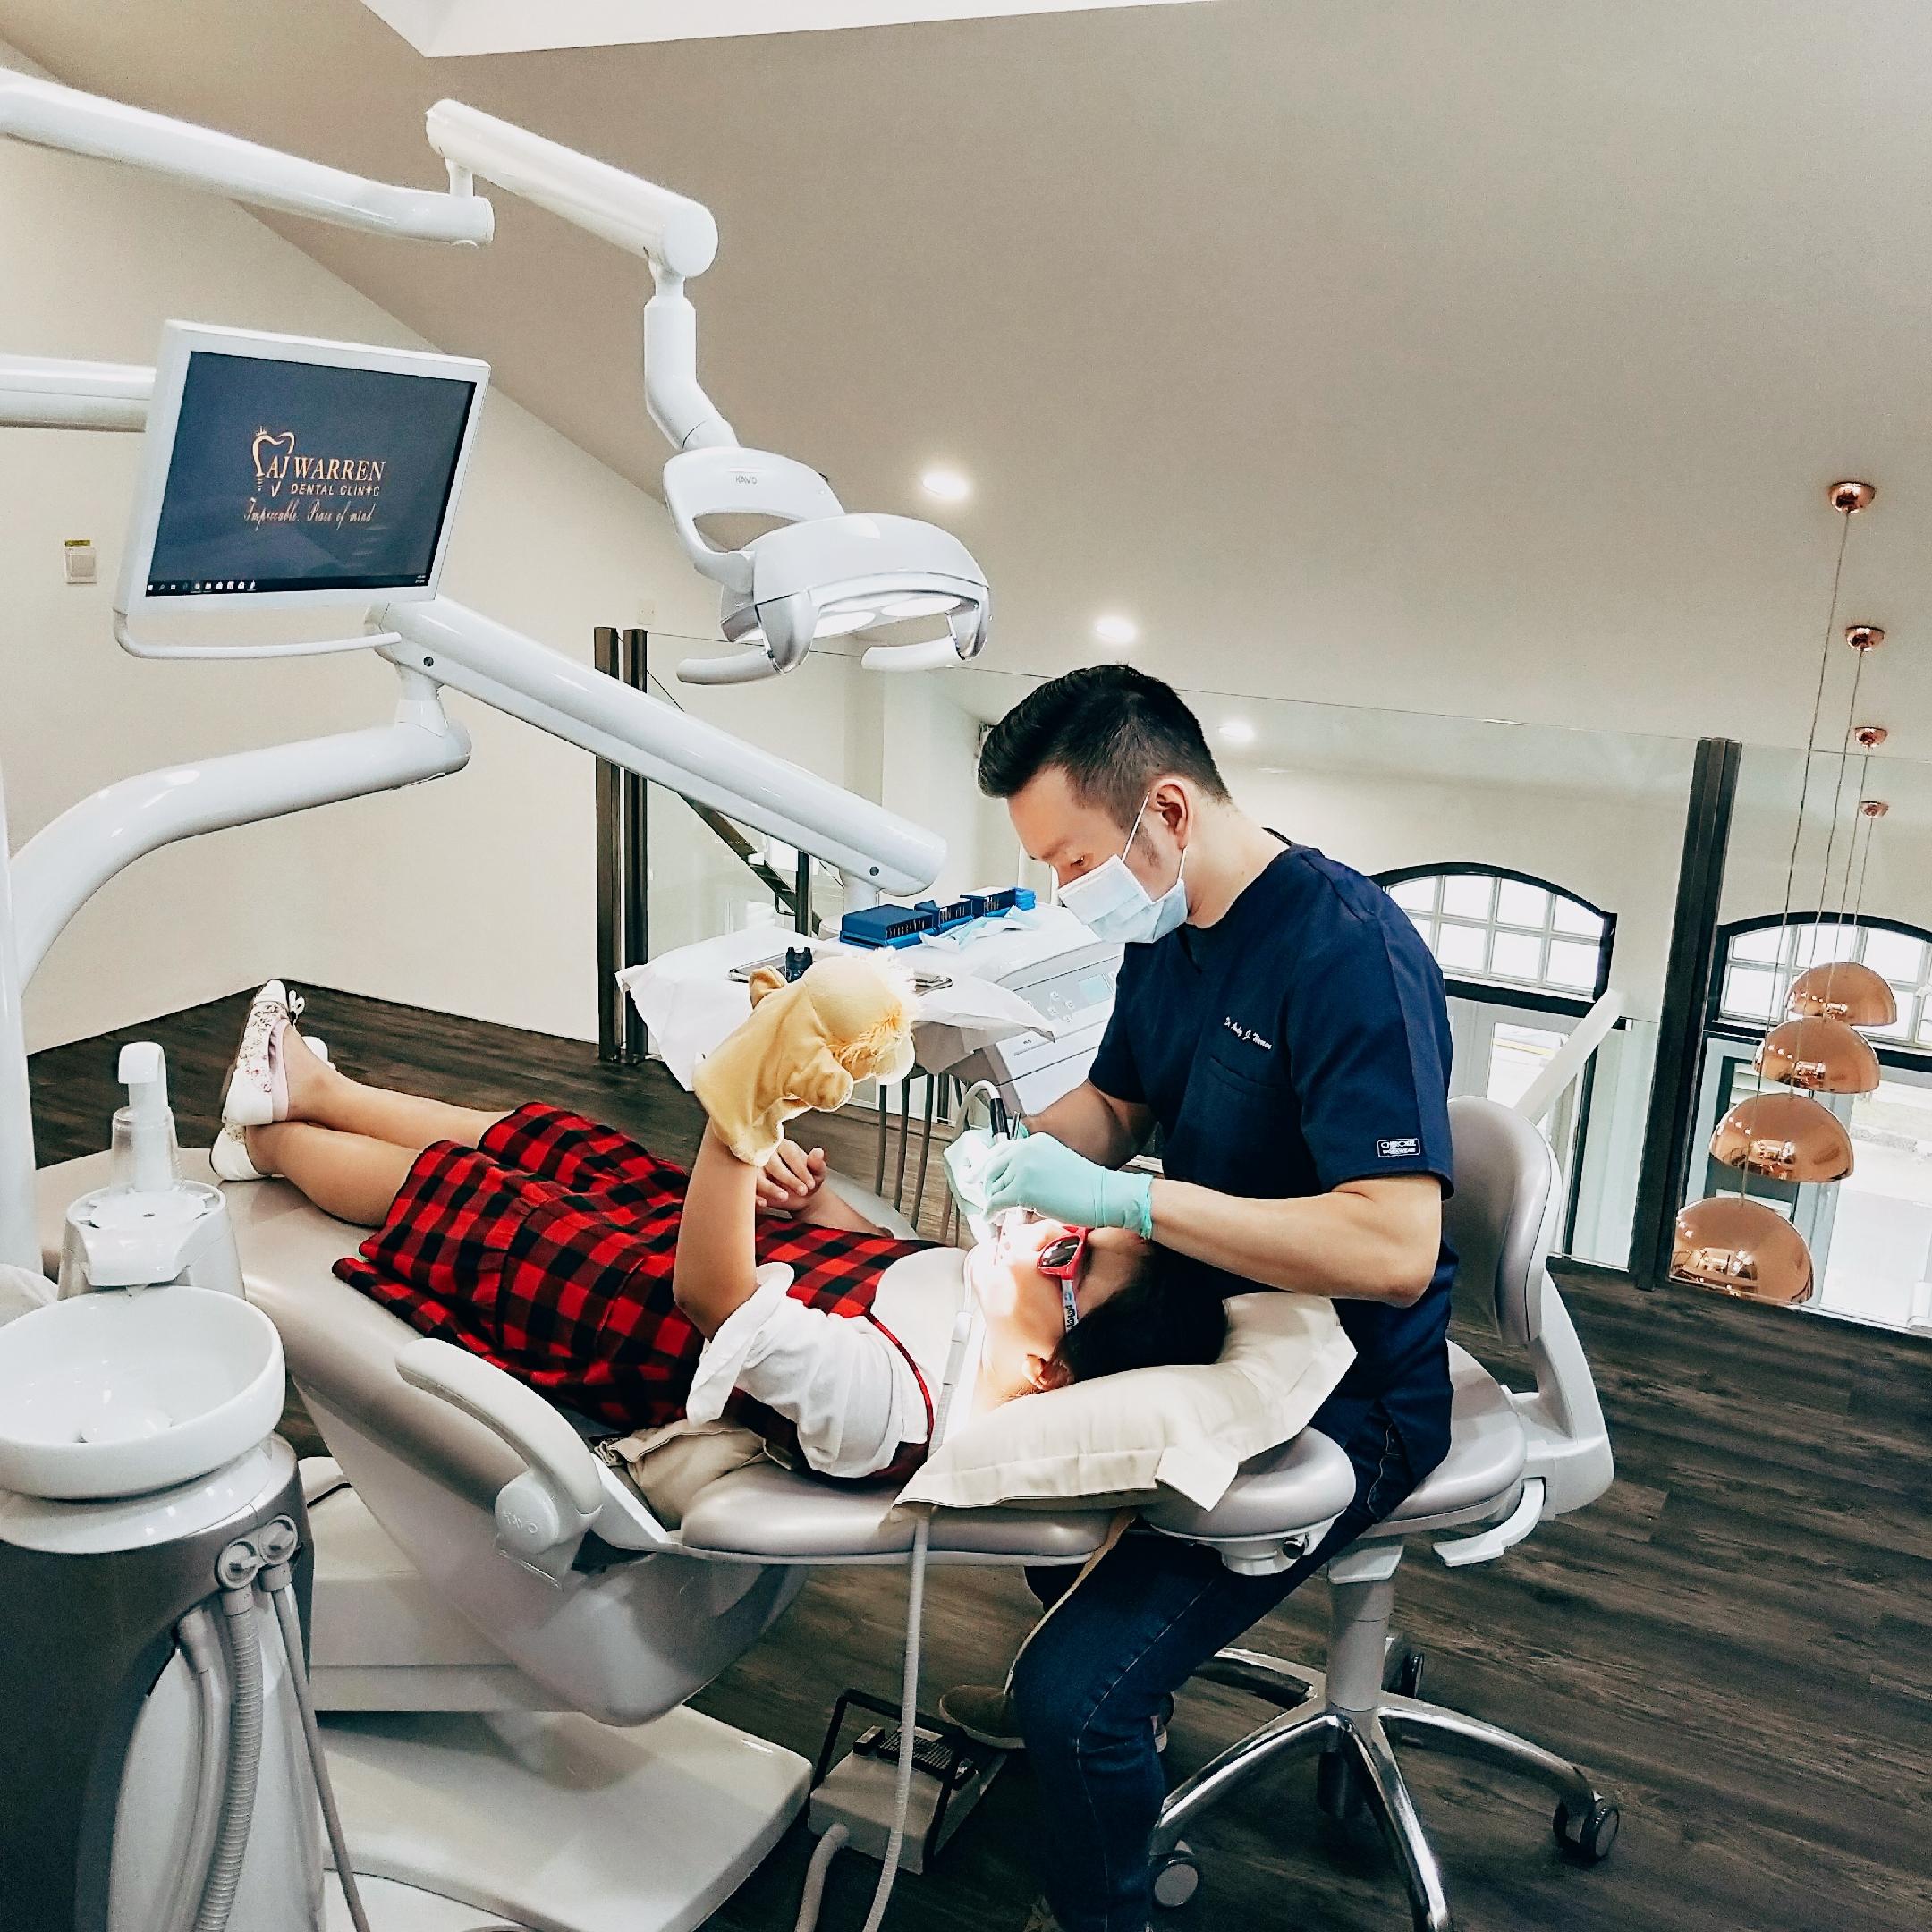 AJ Warren, dentist